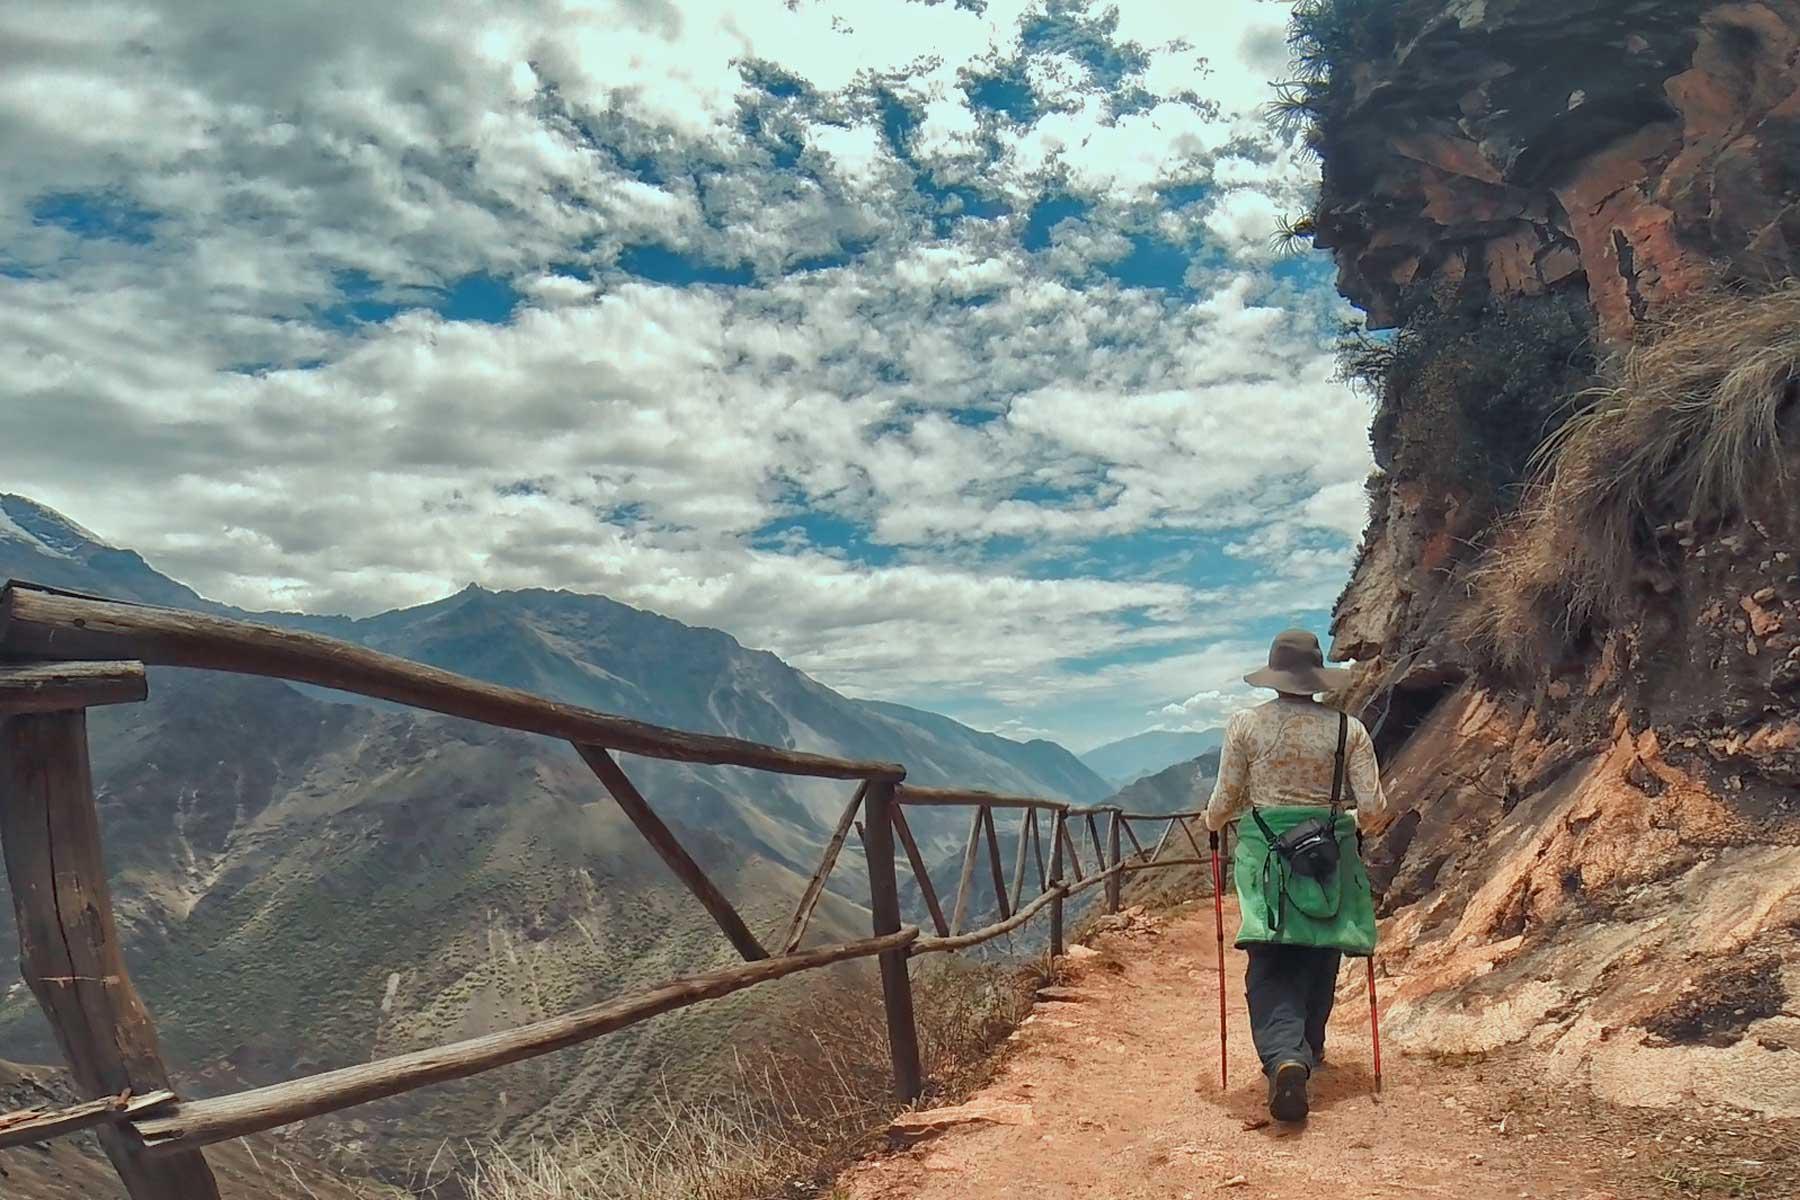 Caminata para llegar a Choquequirao